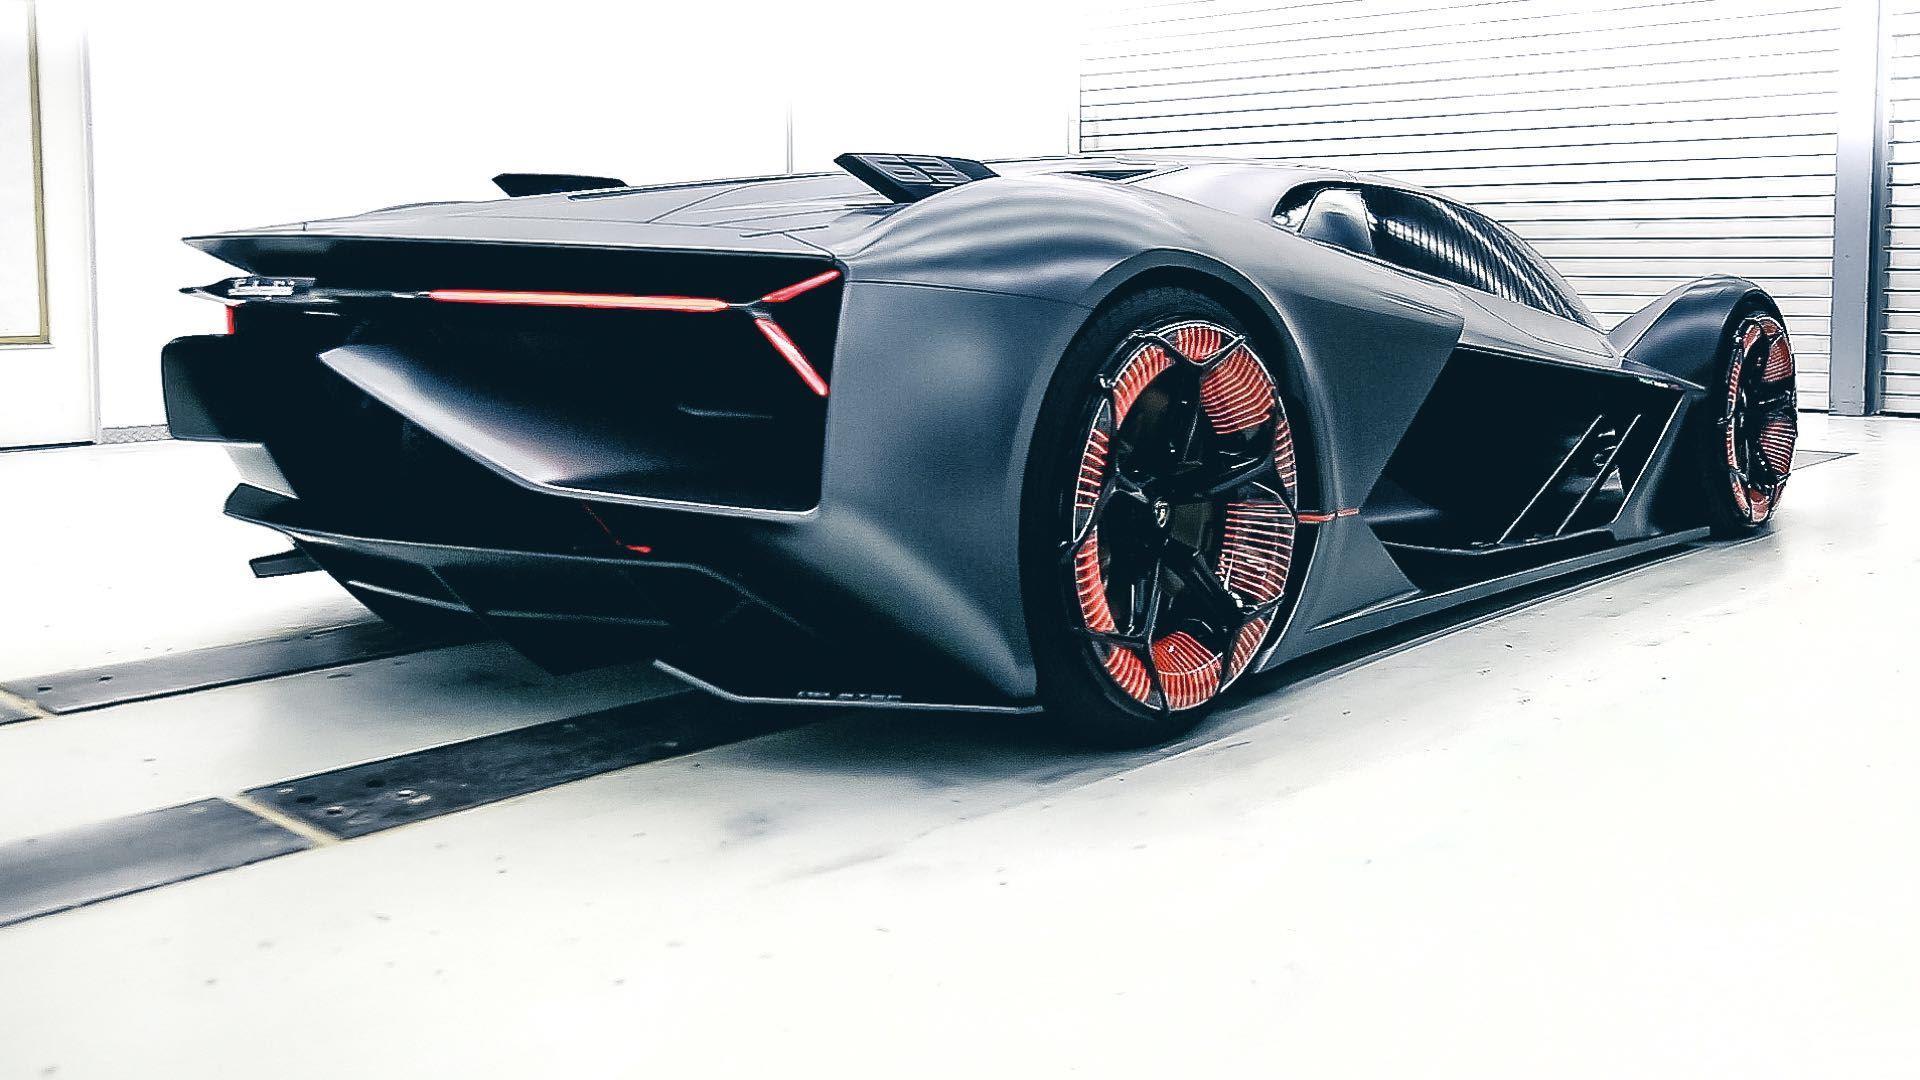 2017 Lamborghini Terzo Millennio Concept Wallpapers Hd Drivespark